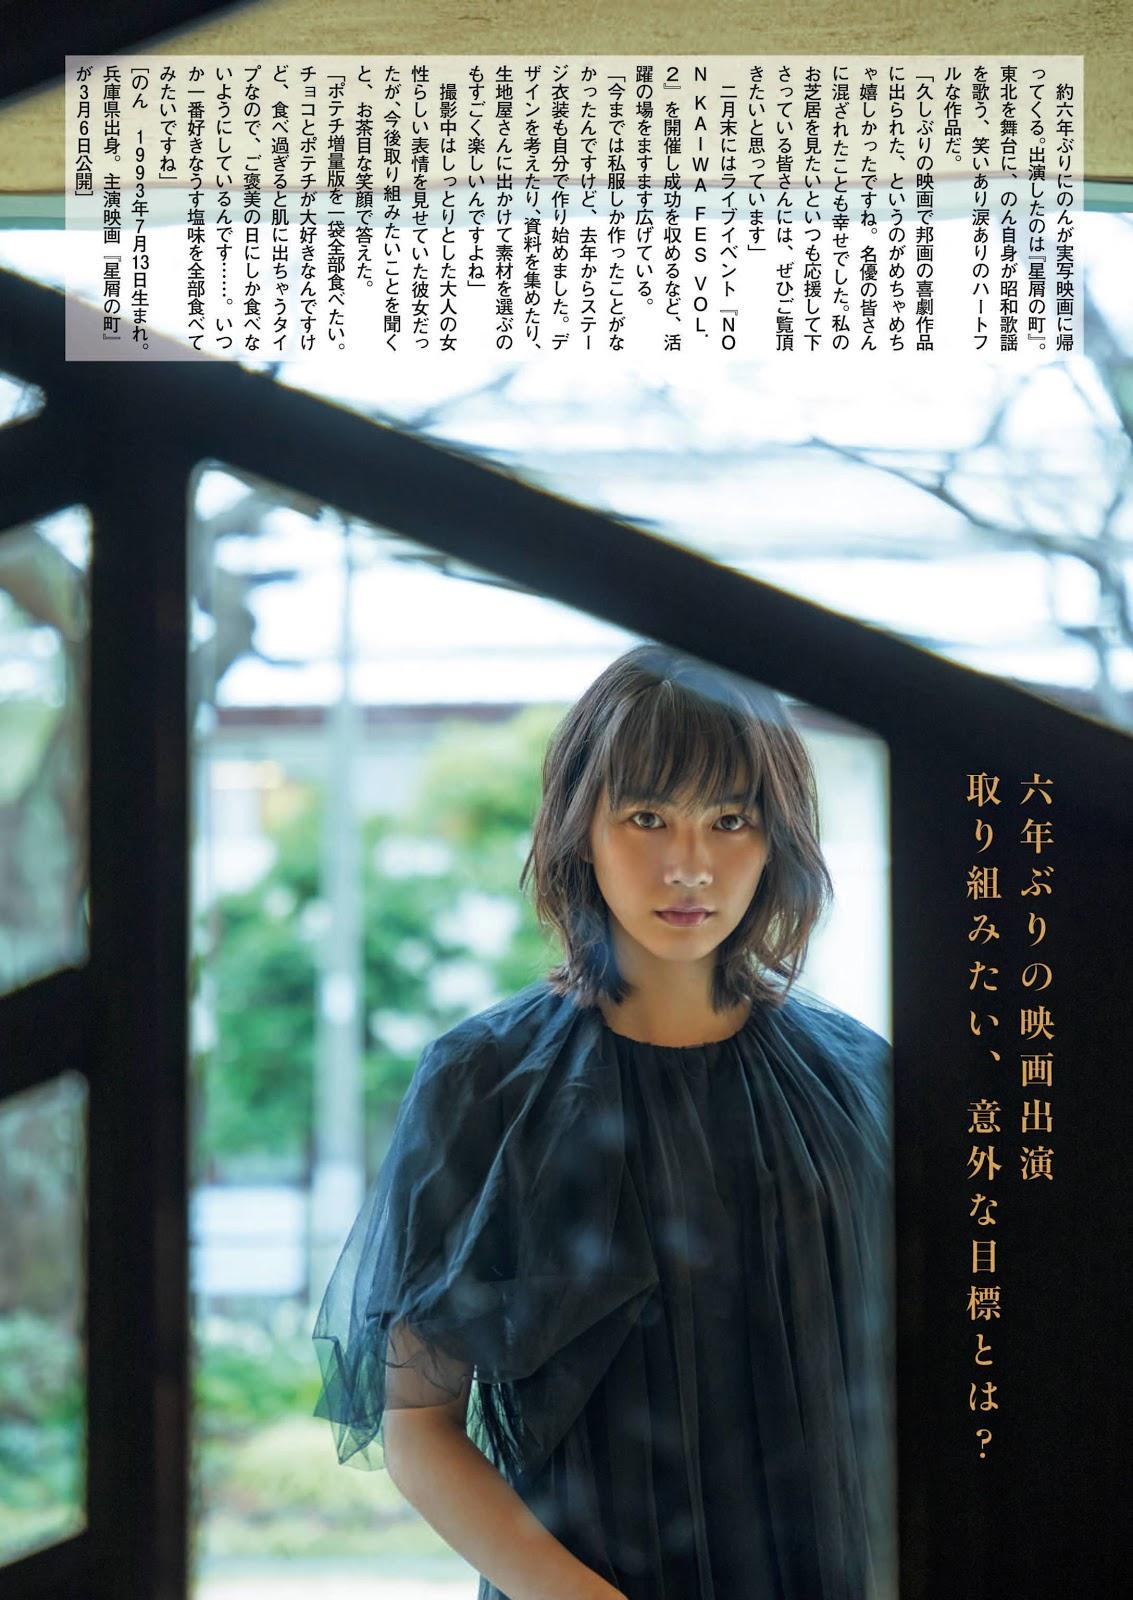 周刊文春 2020.03.12 原色美女图鉴 のん(能年玲奈)